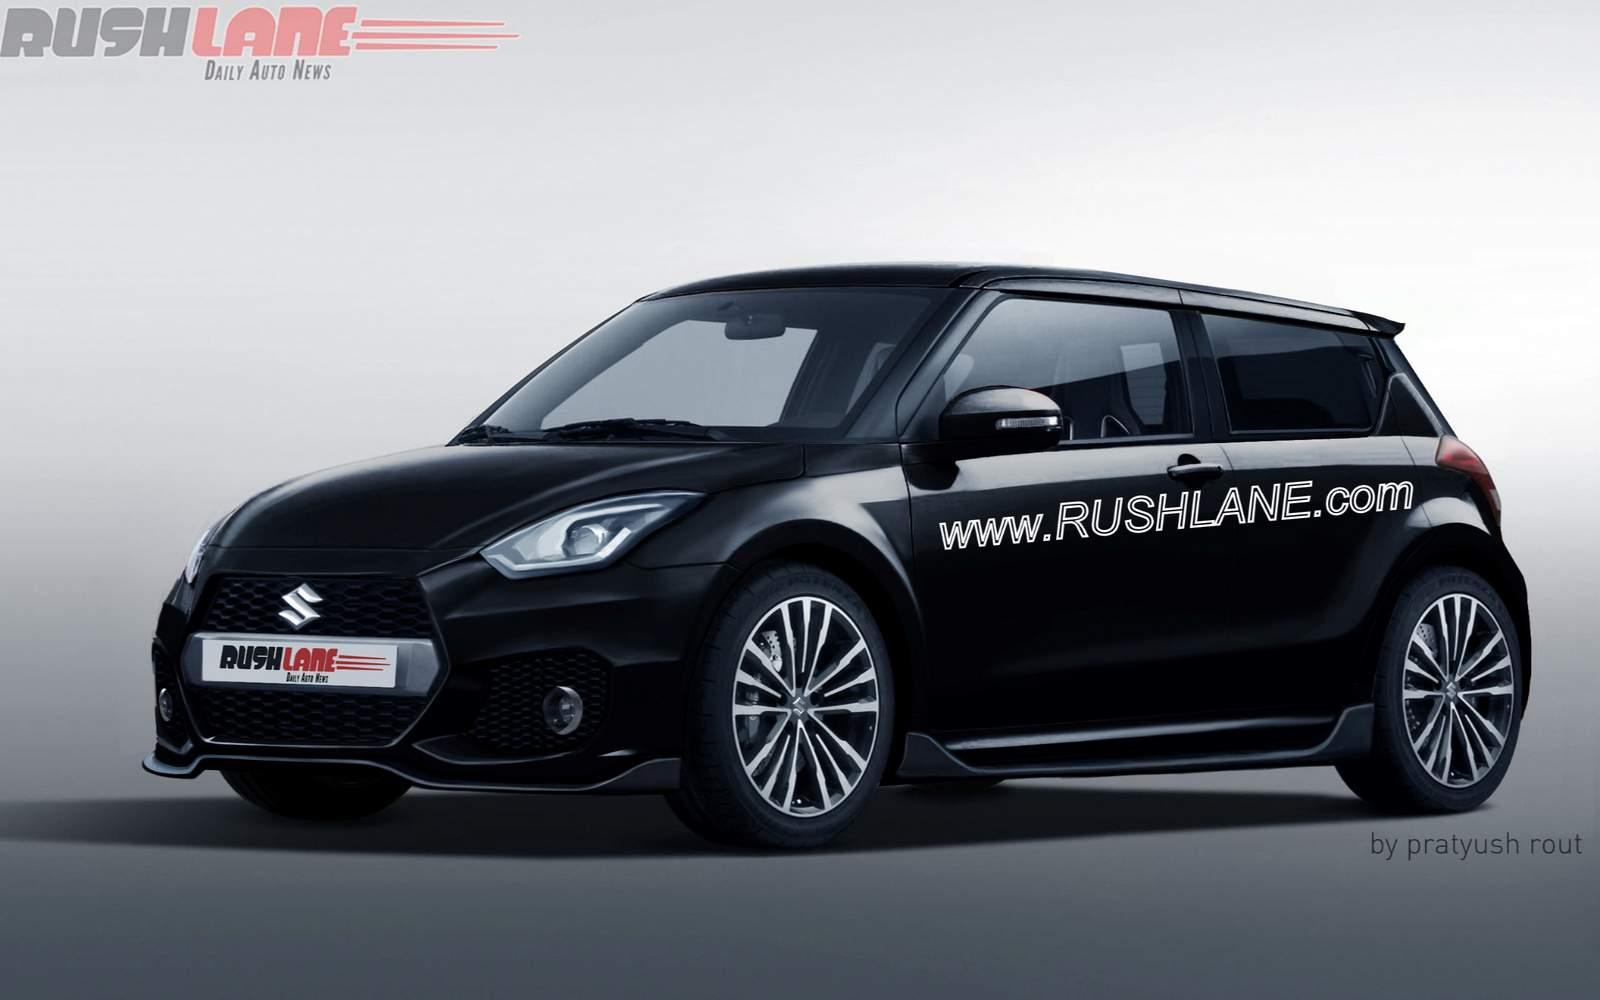 Upcoming Suzuki Swift rendered as third-gen Sport model